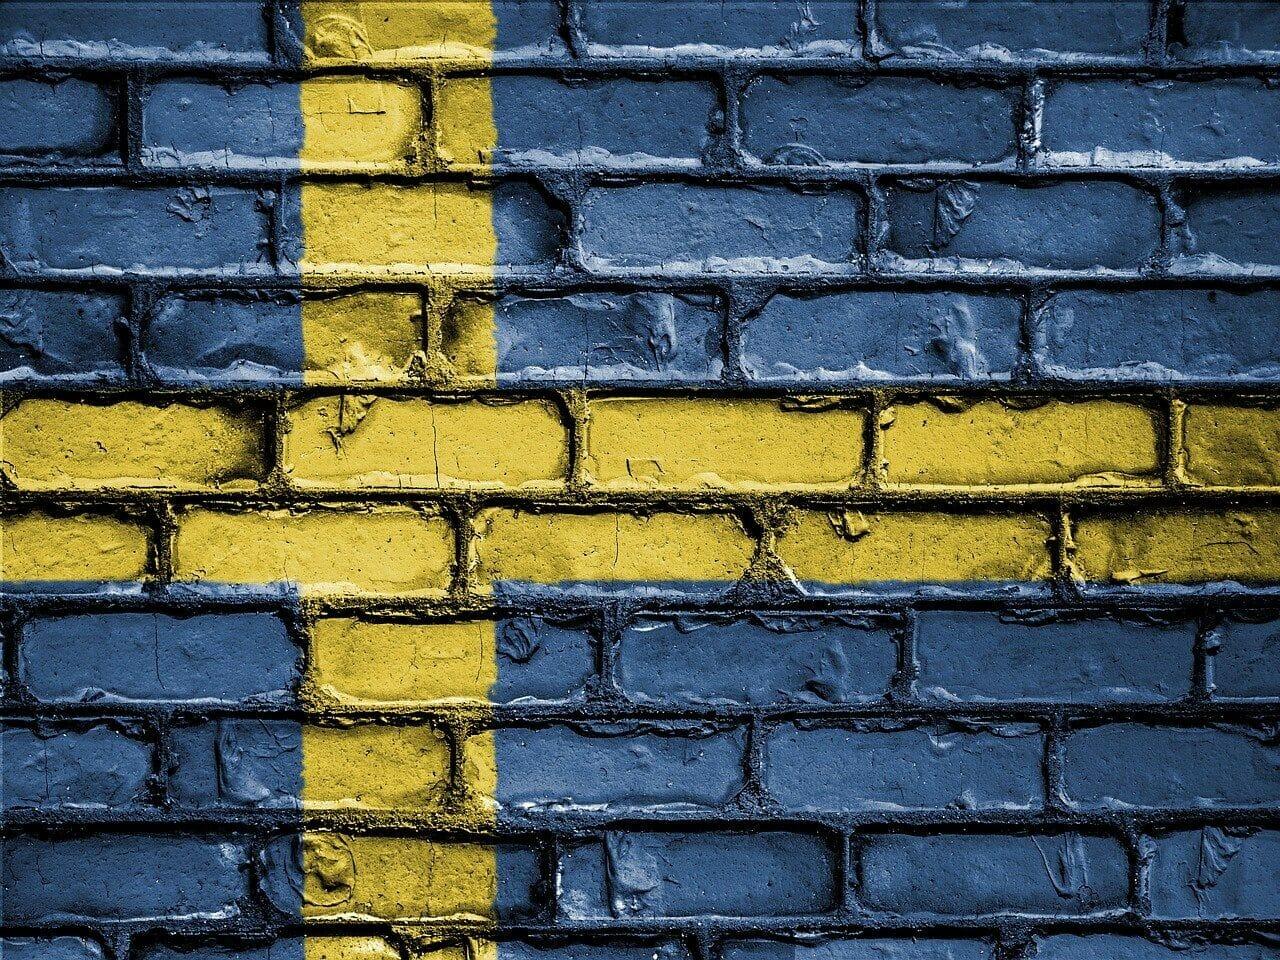 Sverige är alldeles för fyrkantigt!